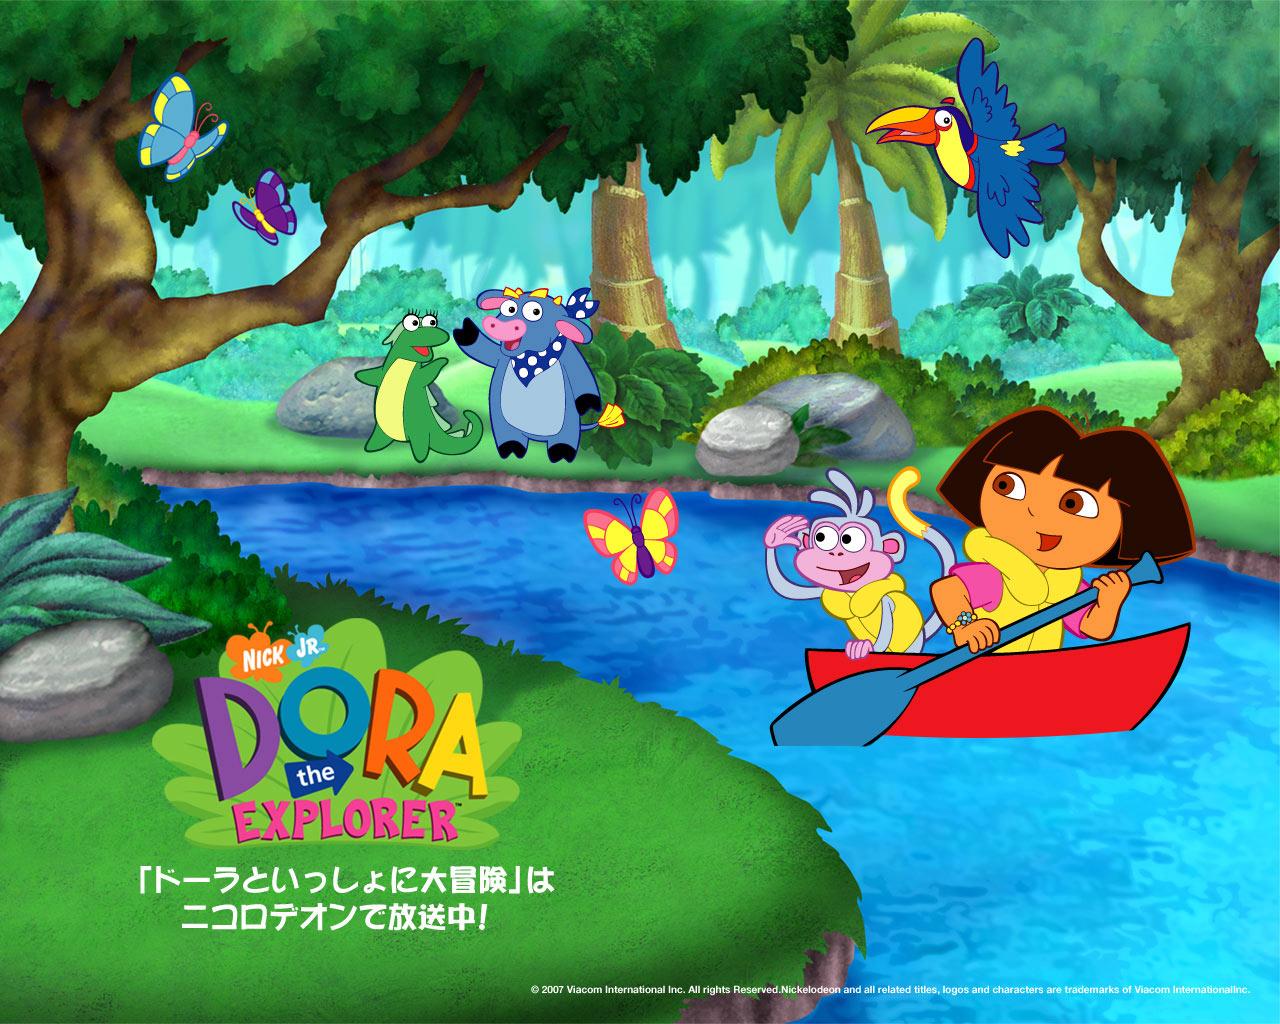 Movies & T.V Shows dora the explorer